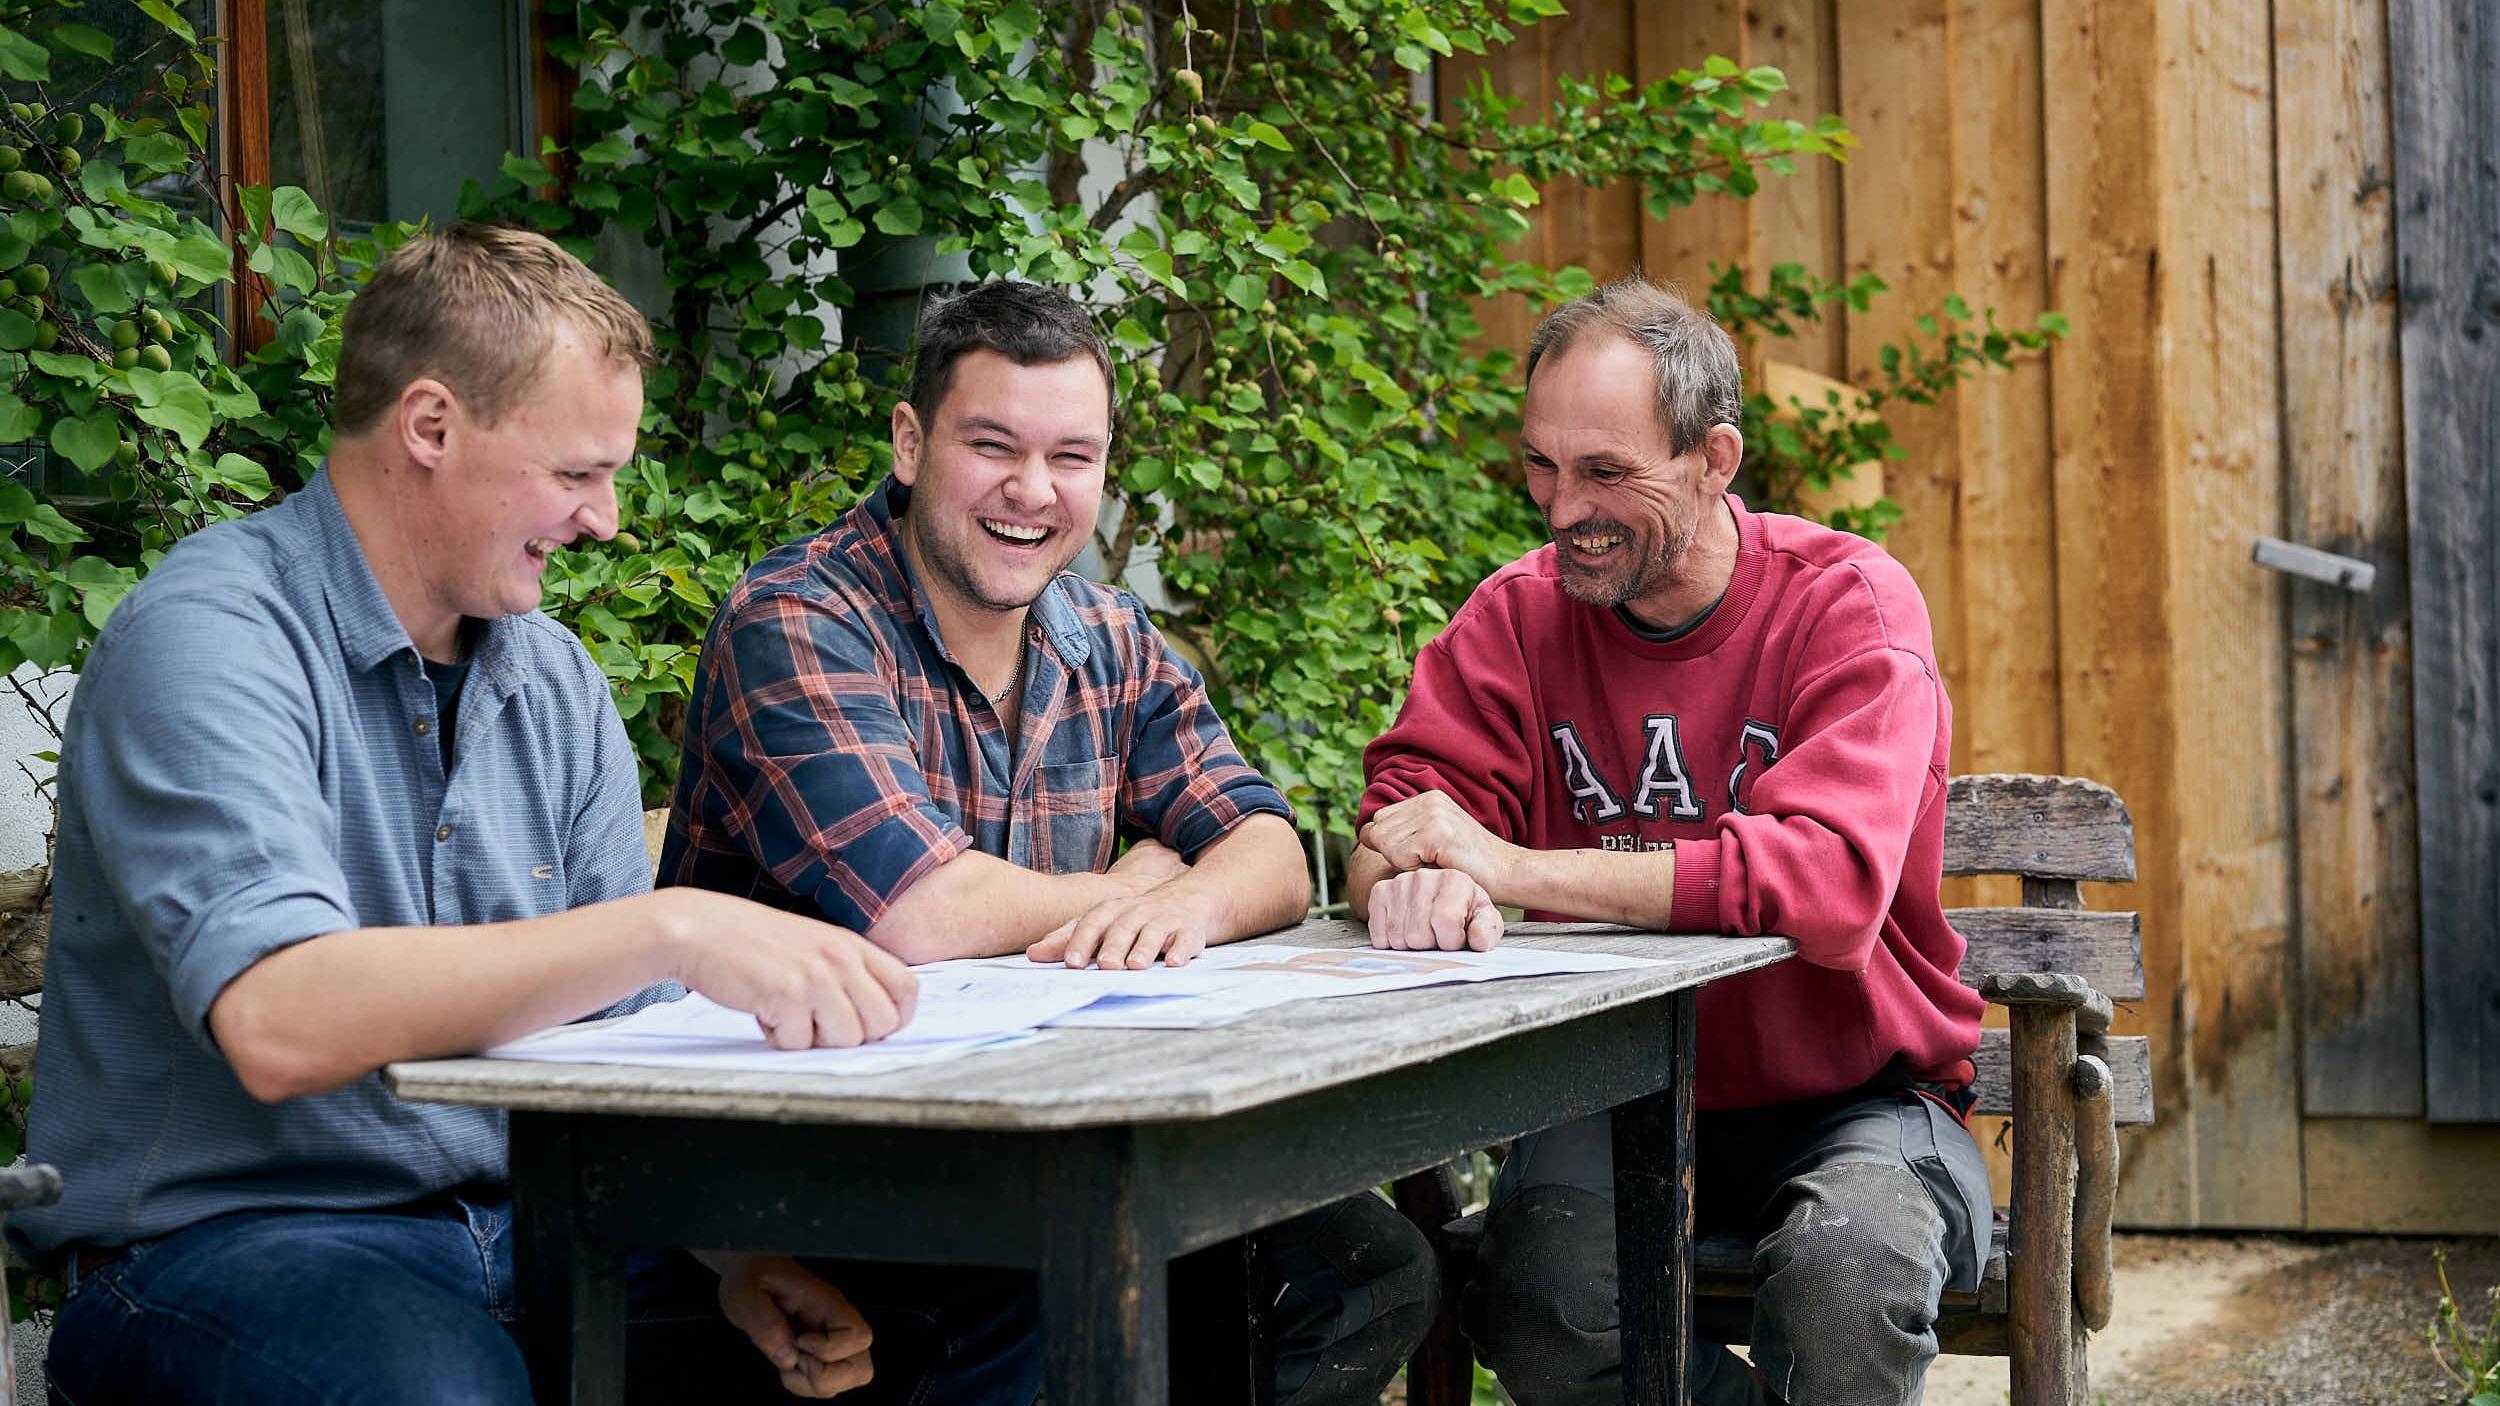 Freude an der Arbeit, Freude am Leben. Unser Team bei einer Besprechung einer Küchenplanung.